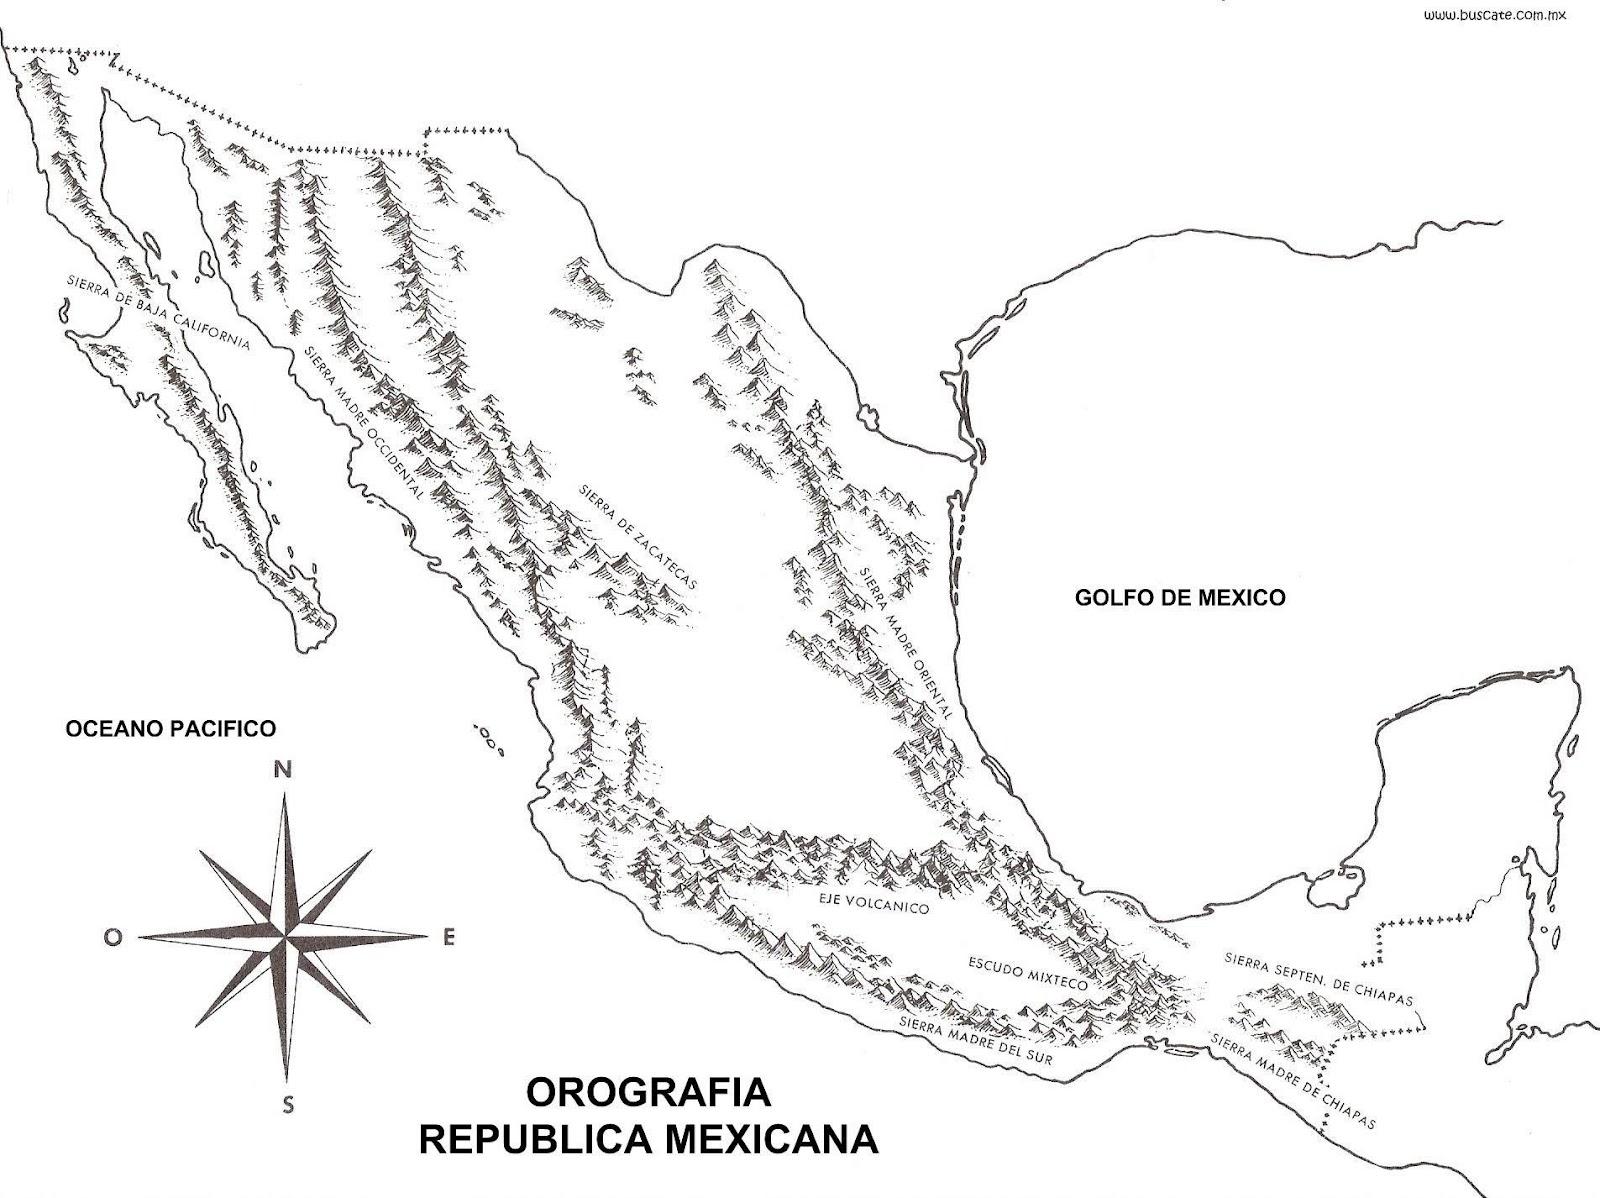 Mapa Orografico De Mexico Con Nombres